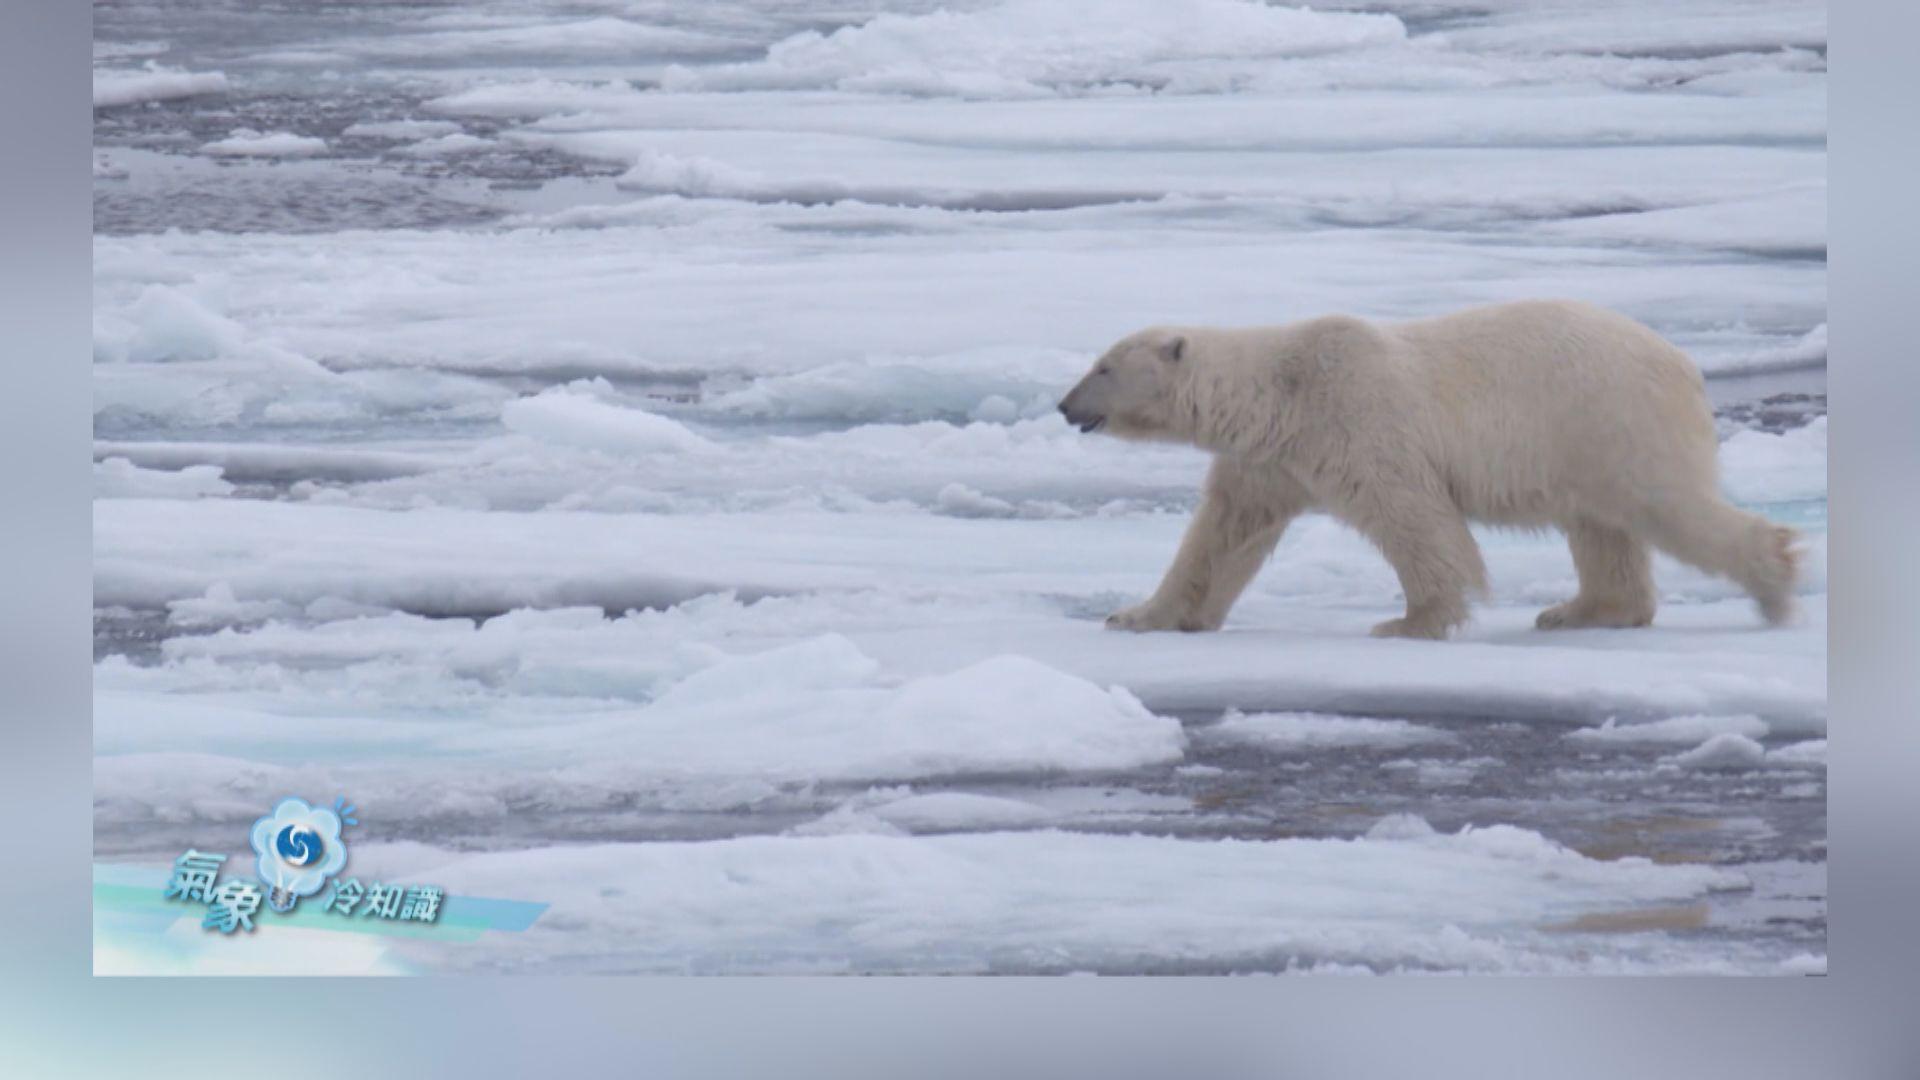 【氣象冷知識】北極地區